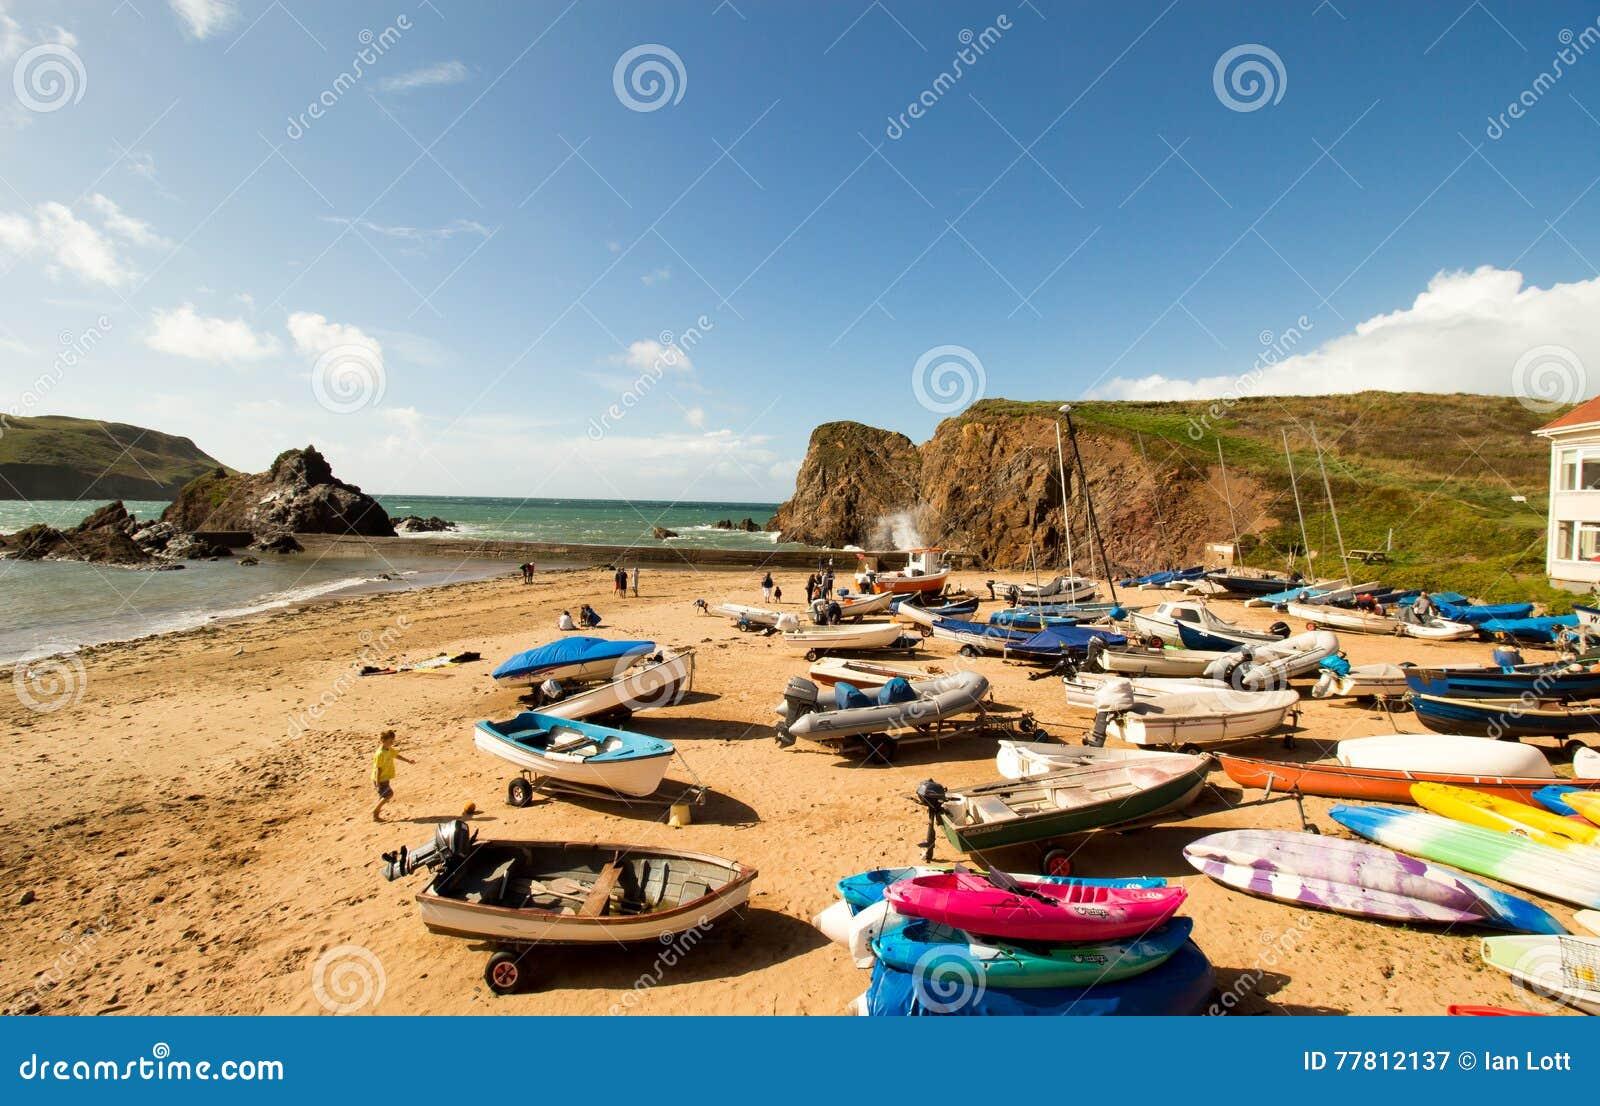 La ensenada de la esperanza es un pequeño pueblo de playa dentro de la parroquia civil de Huish del sur en el distrito del sur de